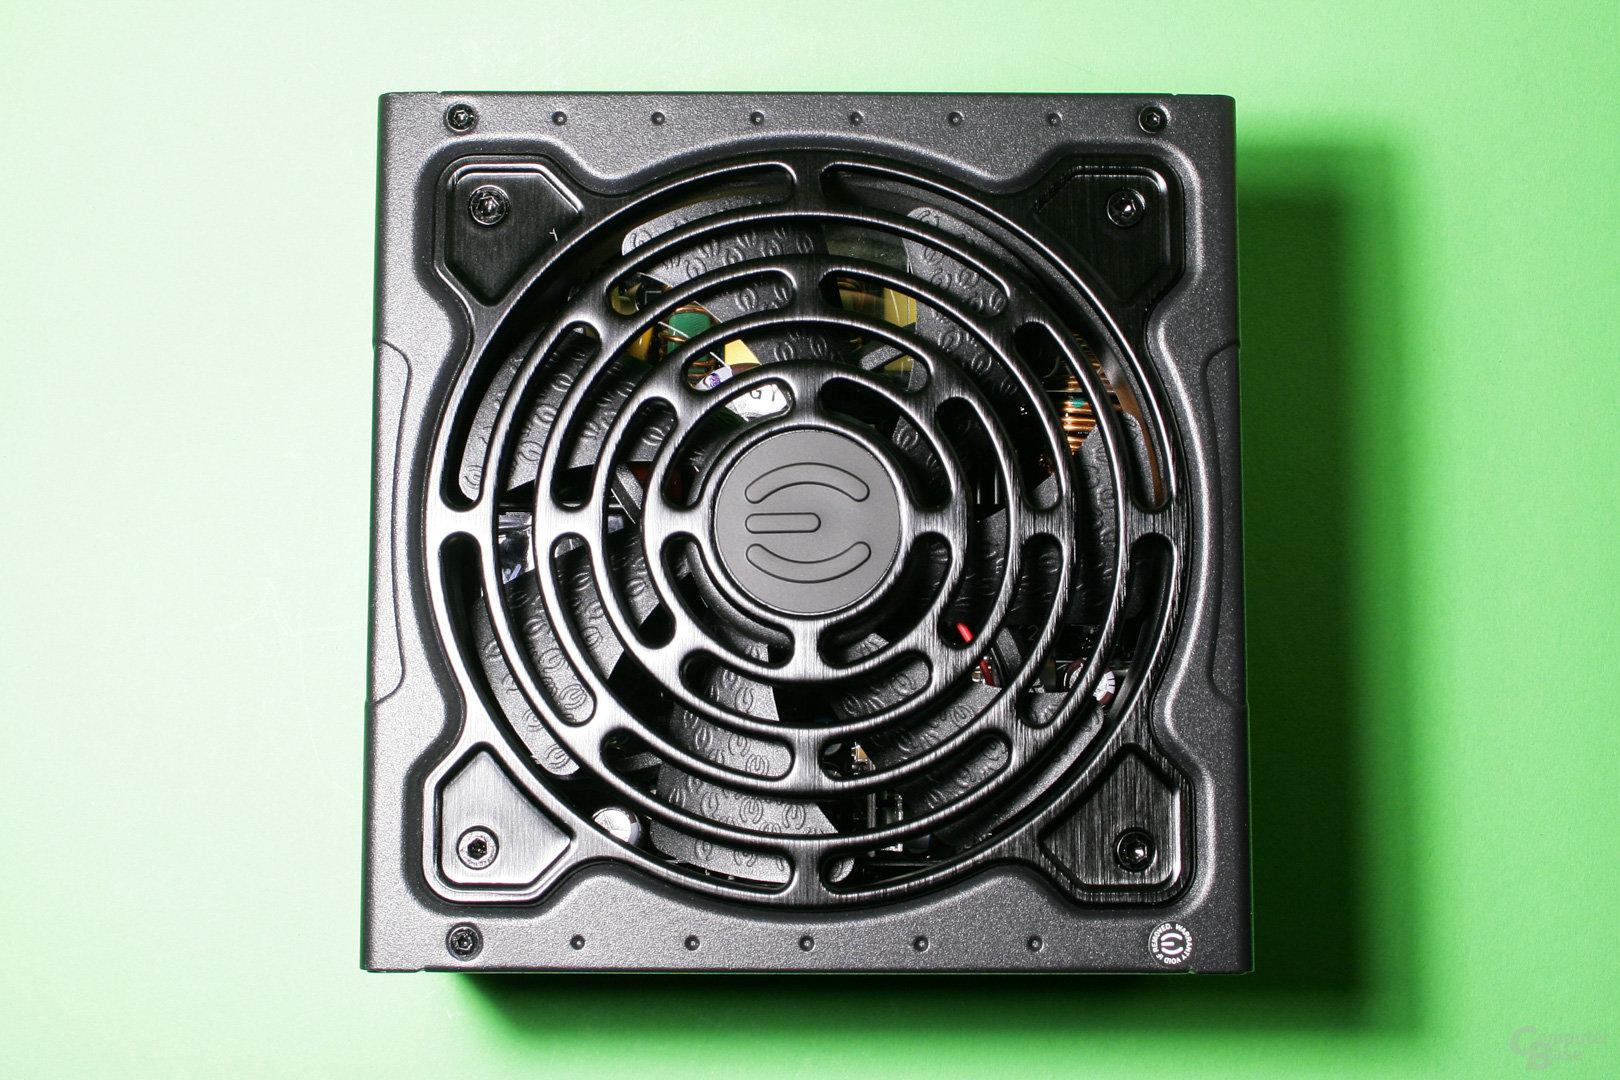 EVGA liefert ein leistungsstarkes und dennoch sehr kompaktes Netzteil